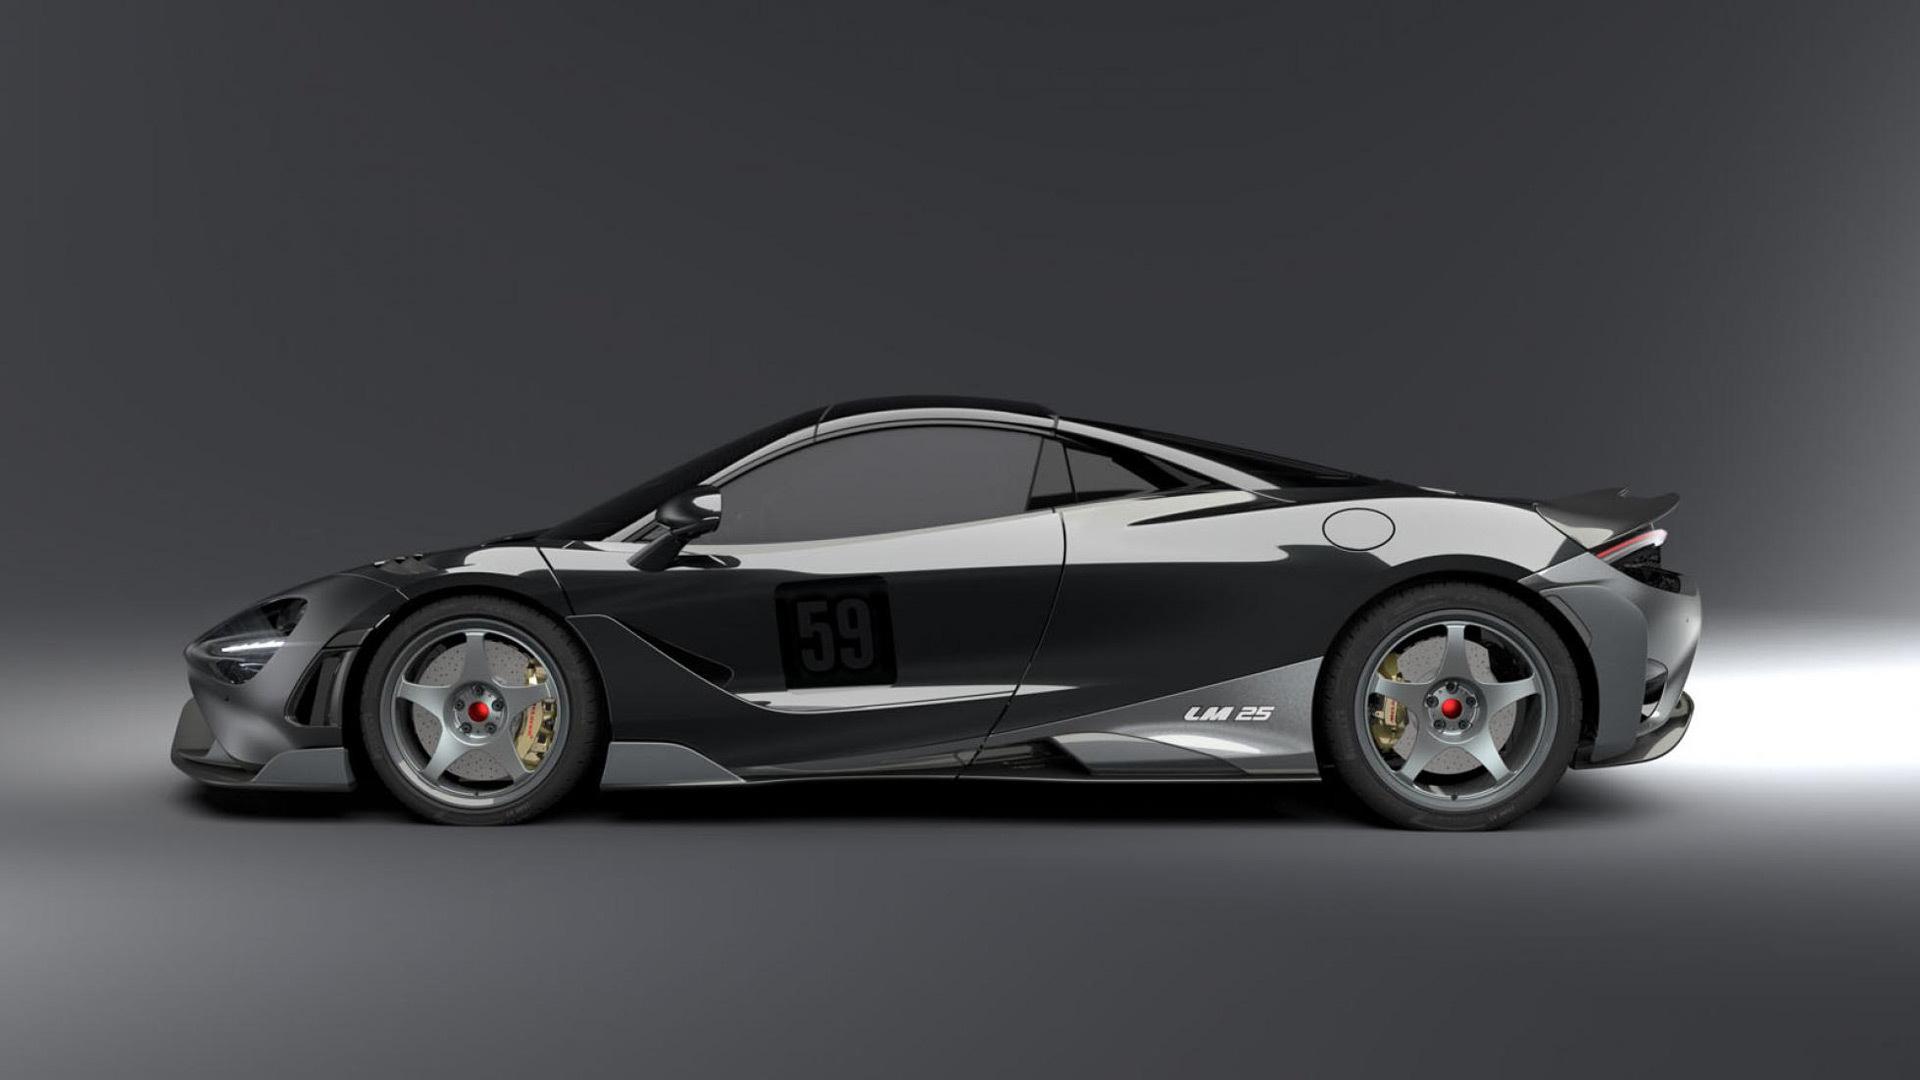 McLaren 765LT Spider LM 25 Edition by Lanzante